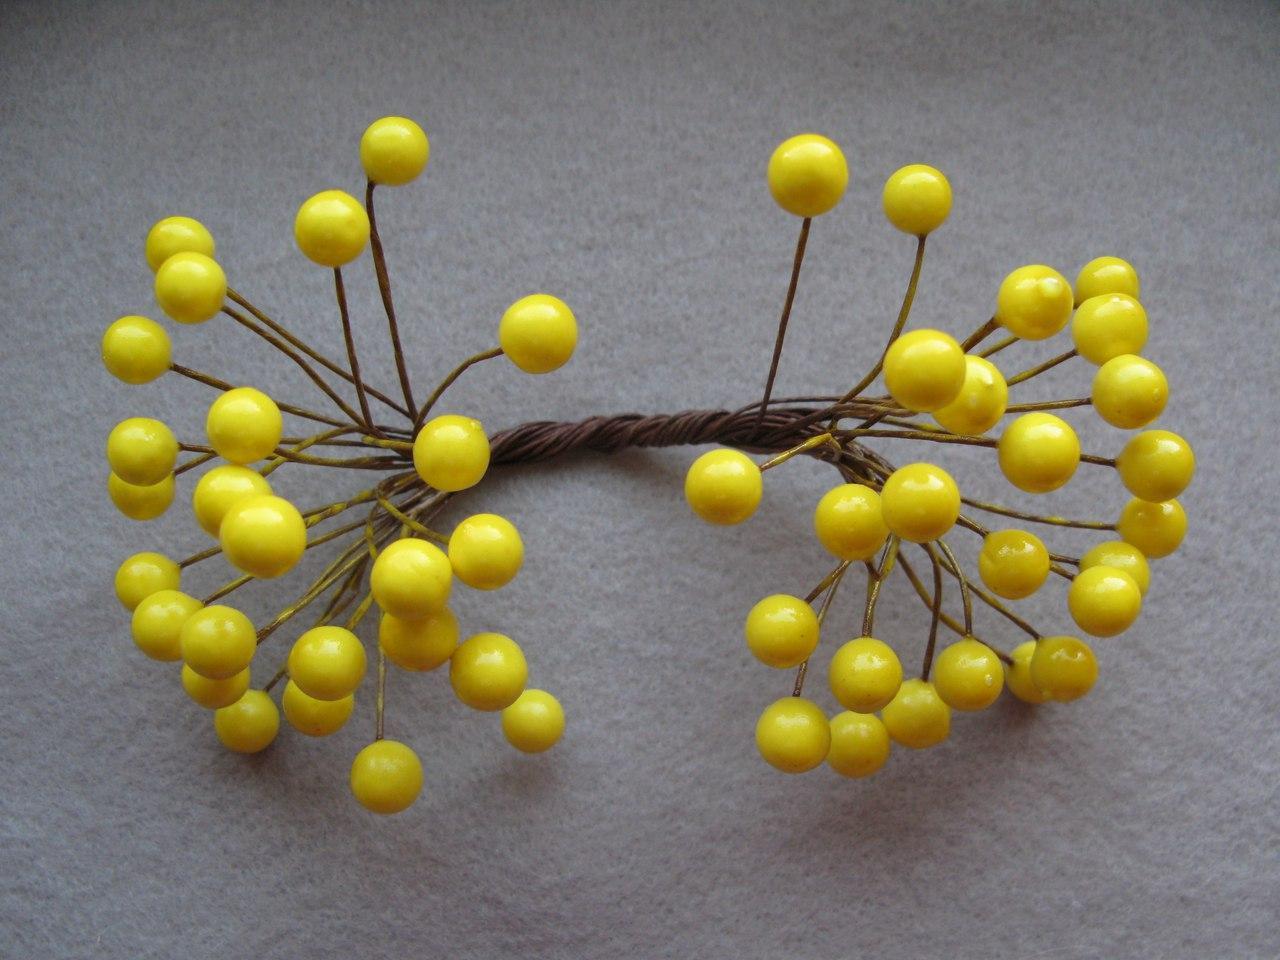 Ягоды гладкие желтые d 8 мм